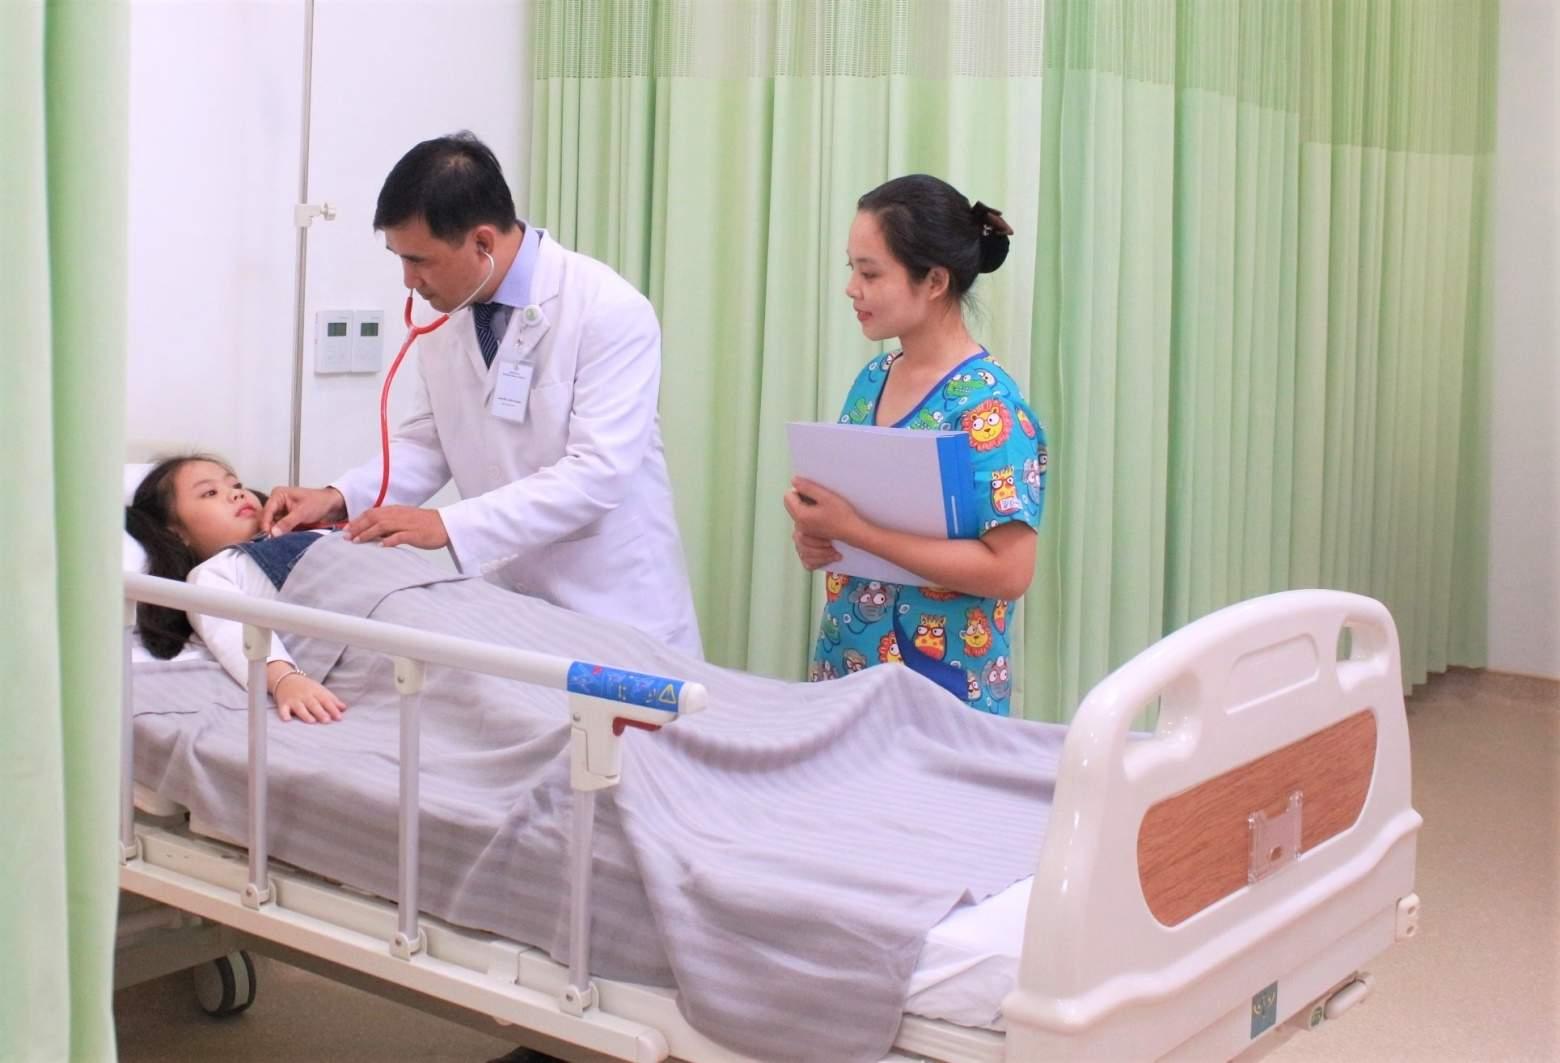 Tham gia bảo hiểm y tế để có cơ hội chăm sóc sức khỏe tốt